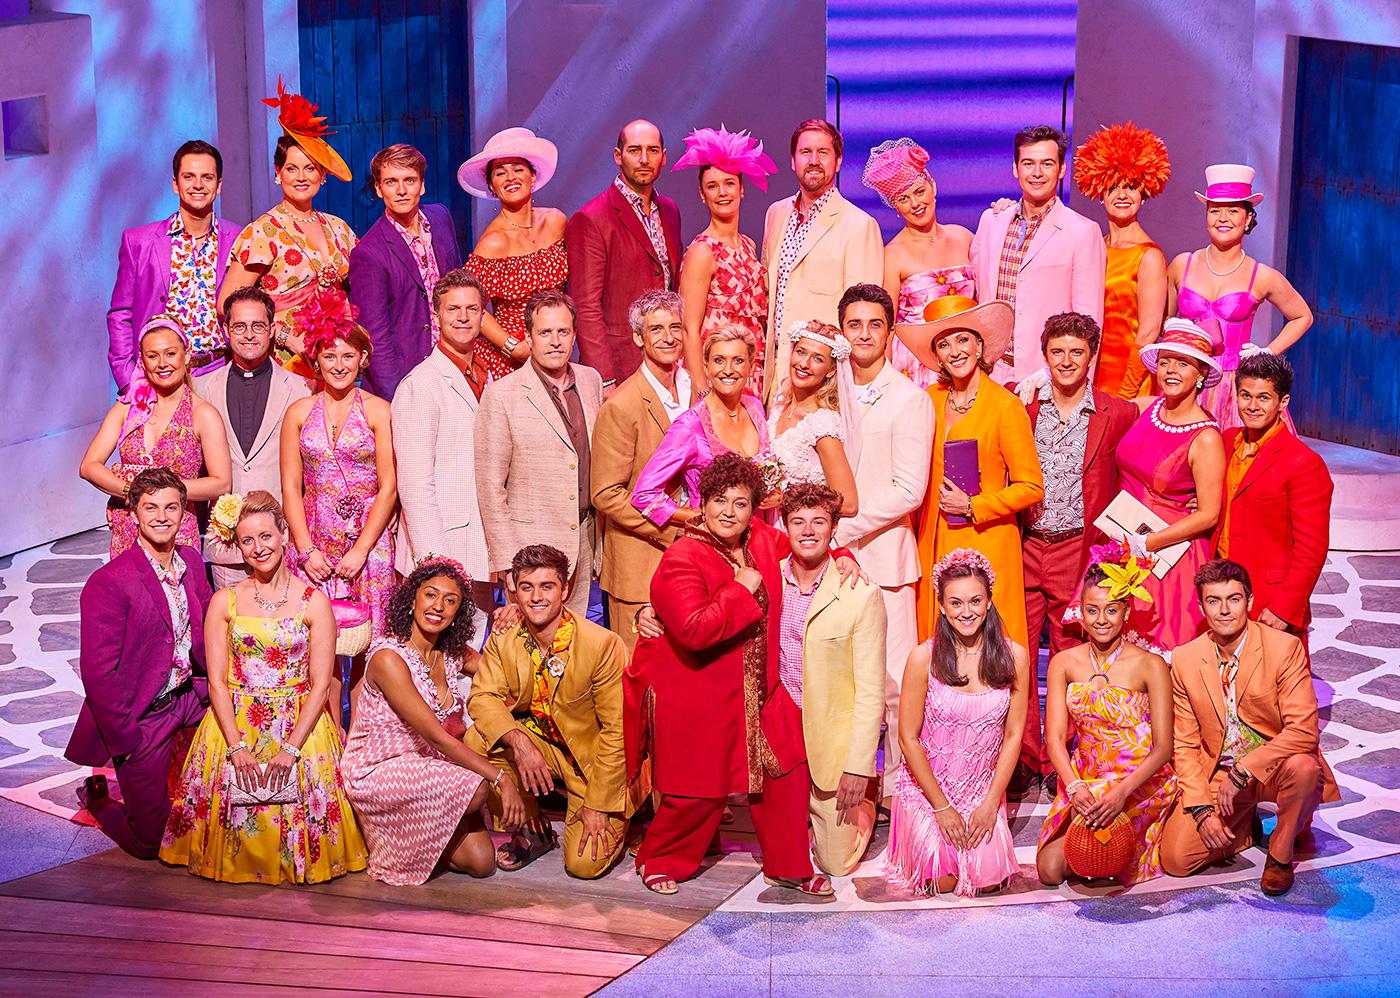 Cast of Mamma Mia. Photo by Brinkhoff Mögenburg